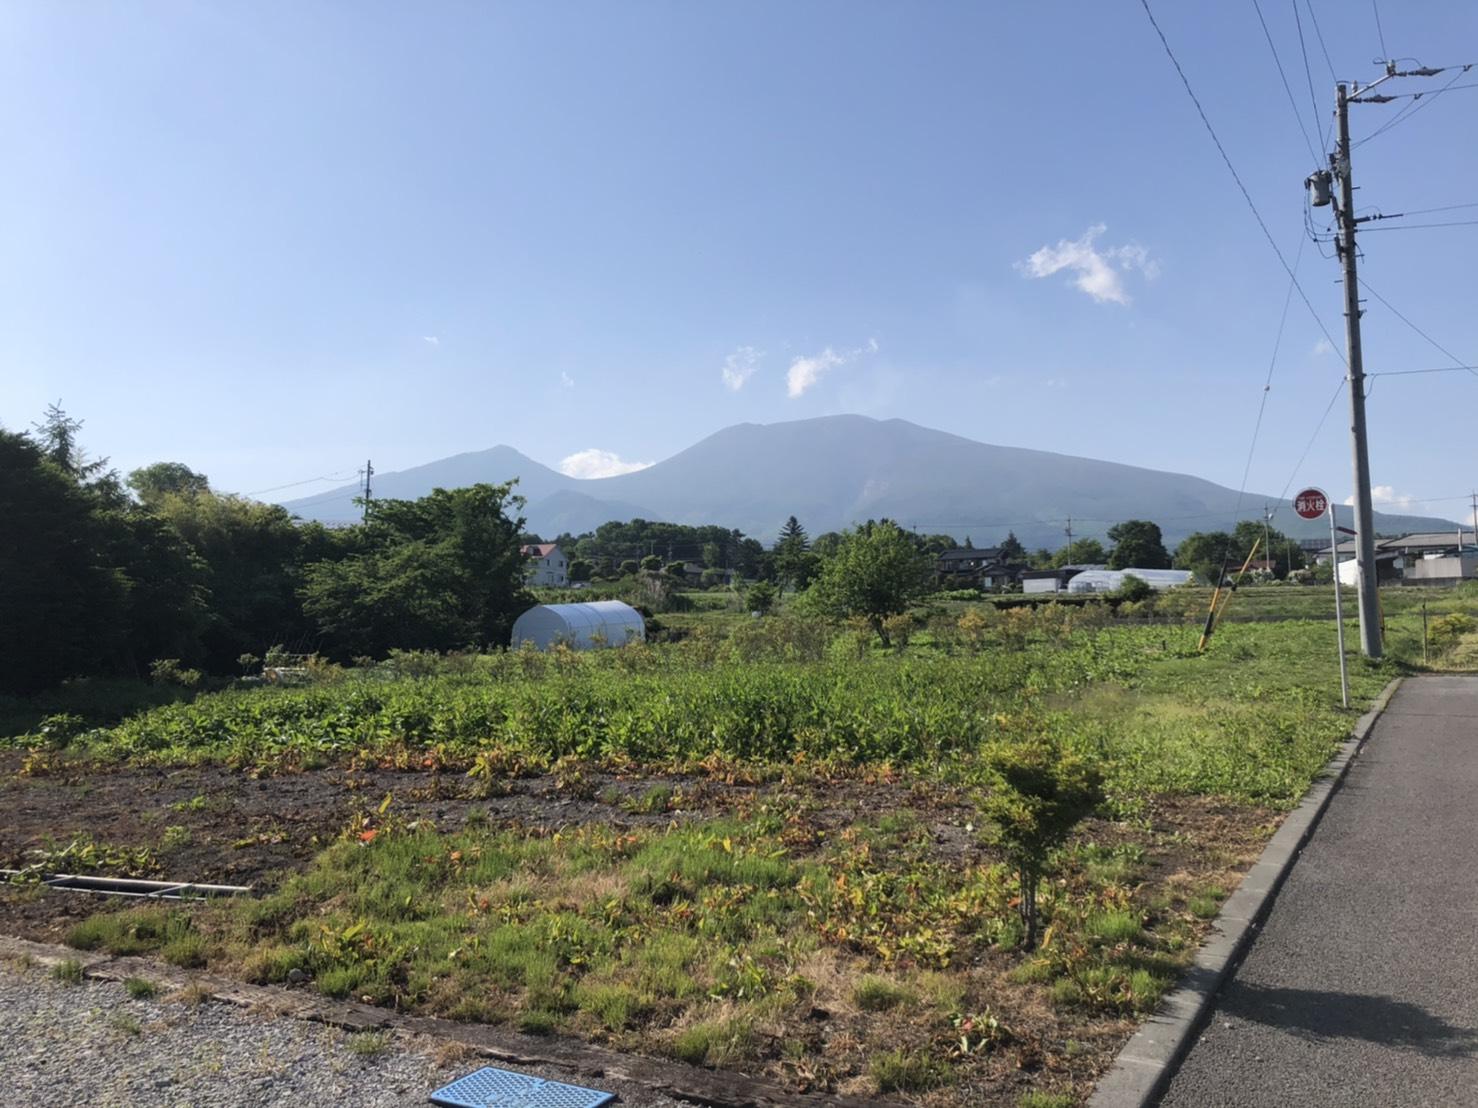 【追分土地】広大な浅間山に四季を感じる約450坪の土地